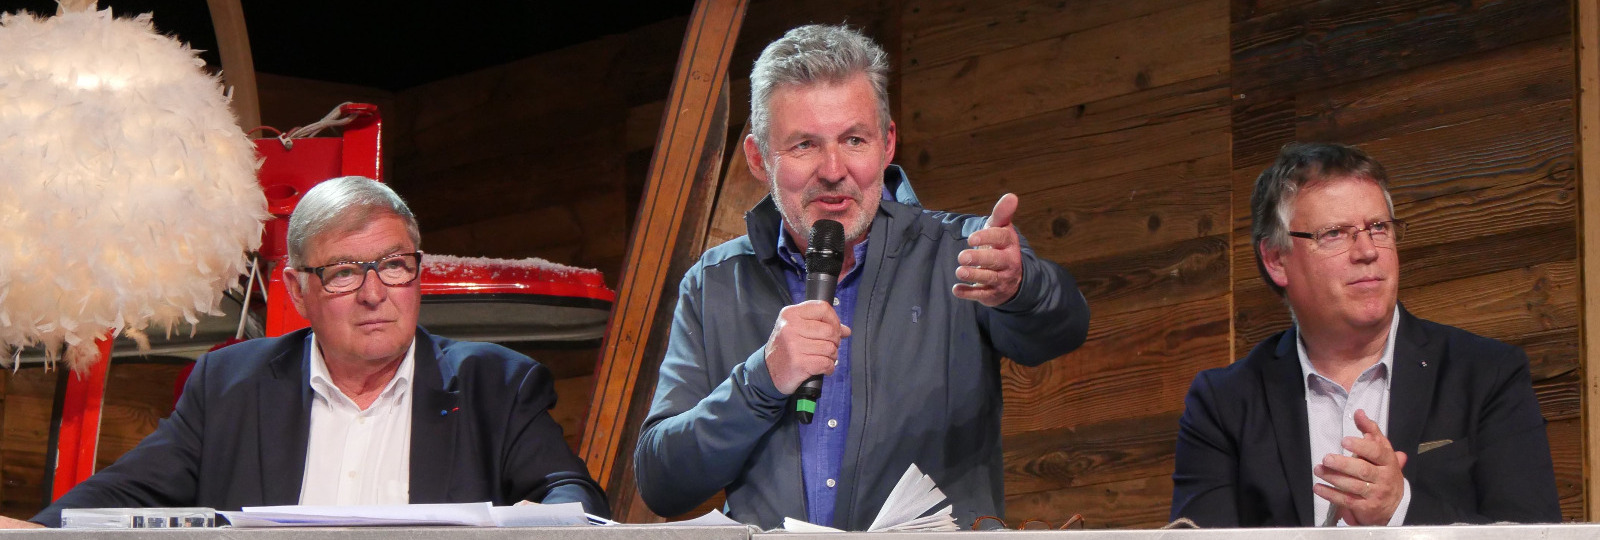 Pierre GOGIN, 1er co-président de l'UNION sport & cycle en conclusion du SkiDebrief 2018 entouré de Gilles CHABERT, président des moniteurs de ski et Gilles REVIAL de l'agence G2A